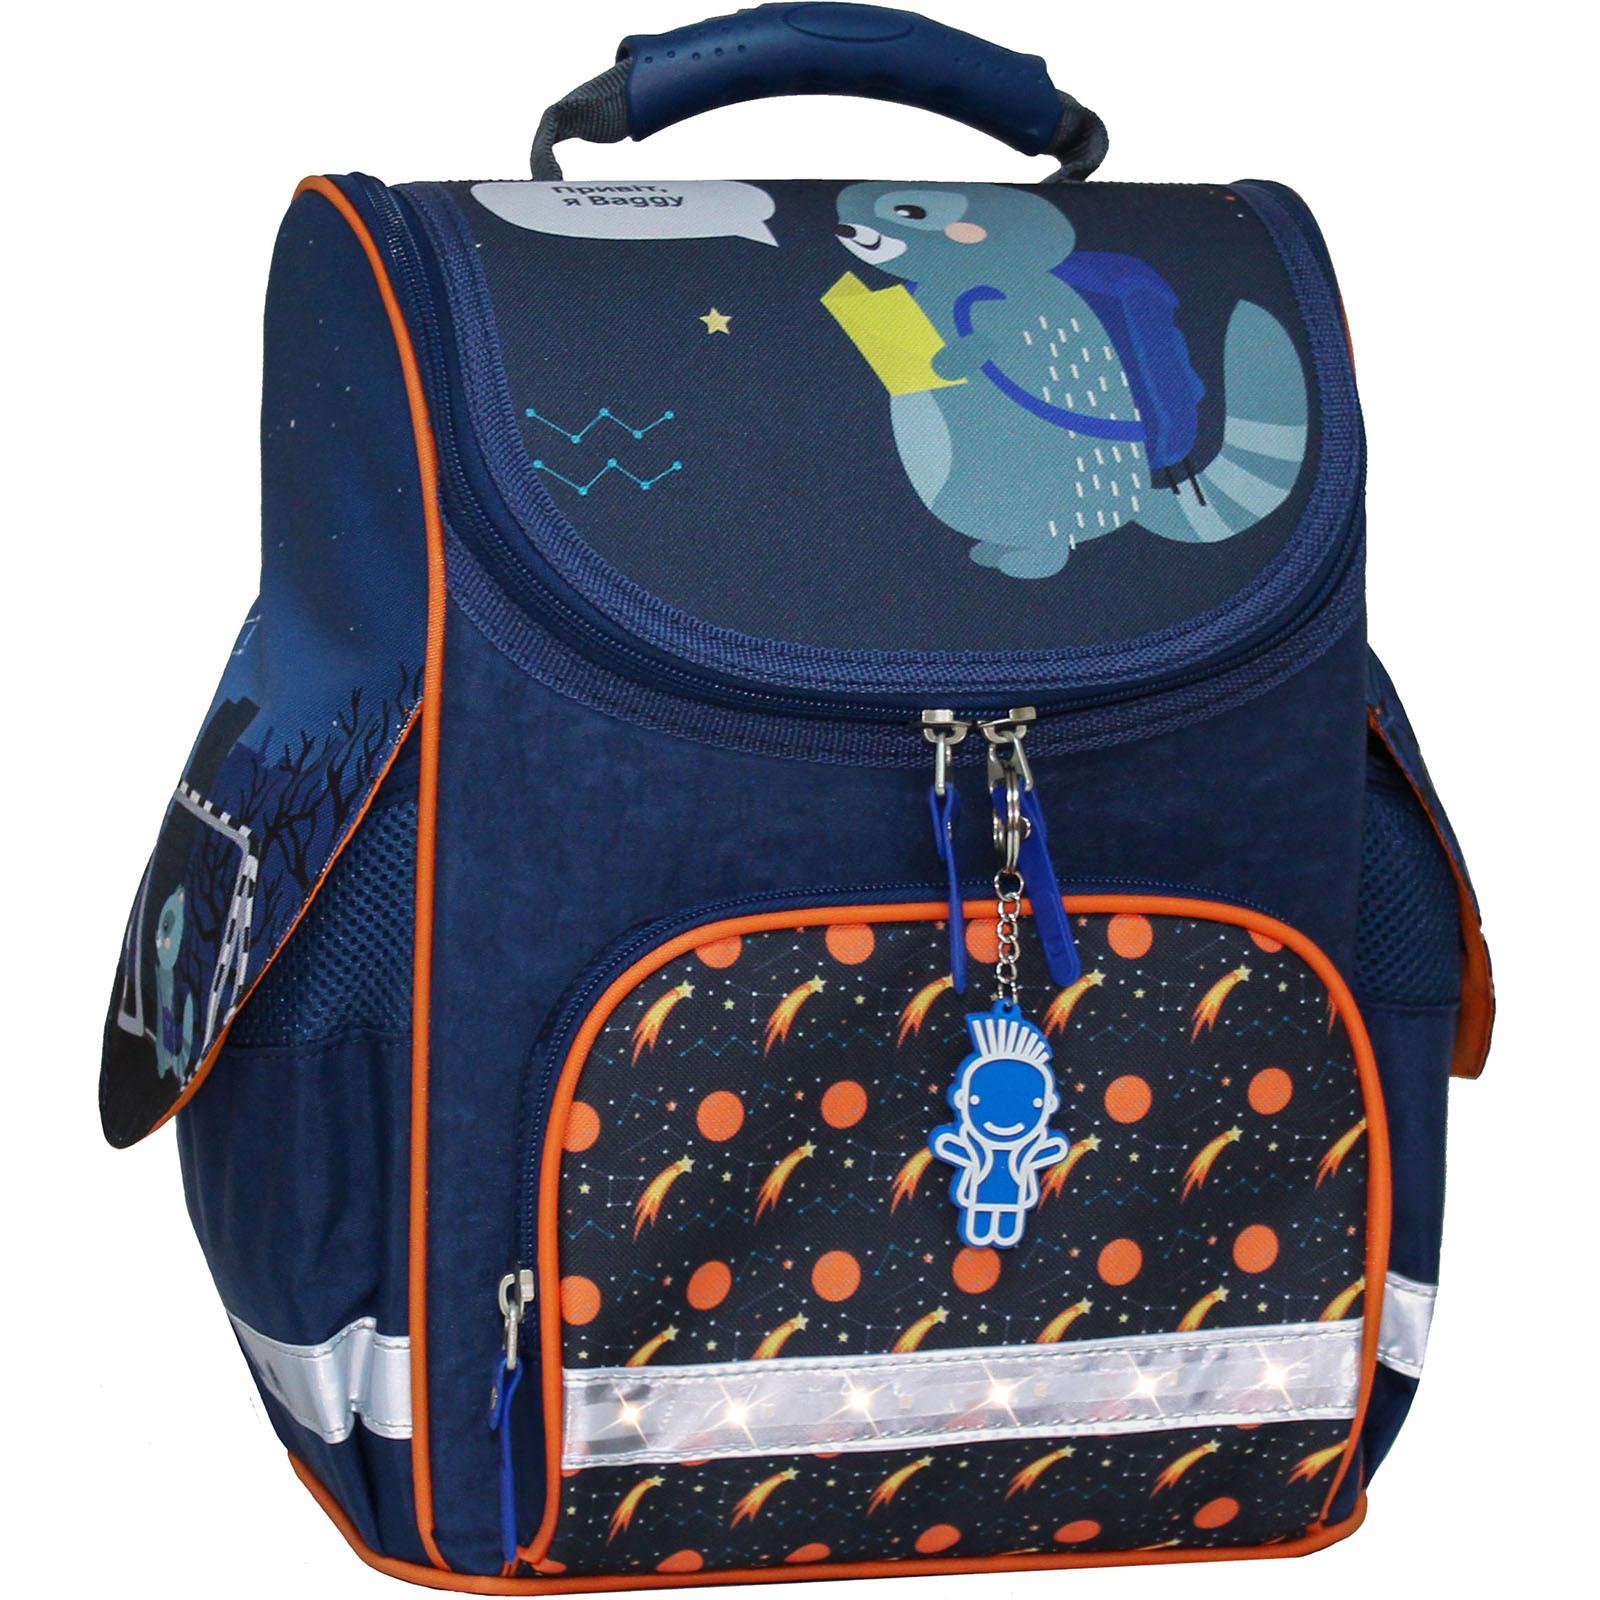 Школьные рюкзаки Рюкзак школьный каркасный с фонариками Bagland Успех 12 л. синий 429 (00551703) IMG_7438_С_светодиодом.JPG